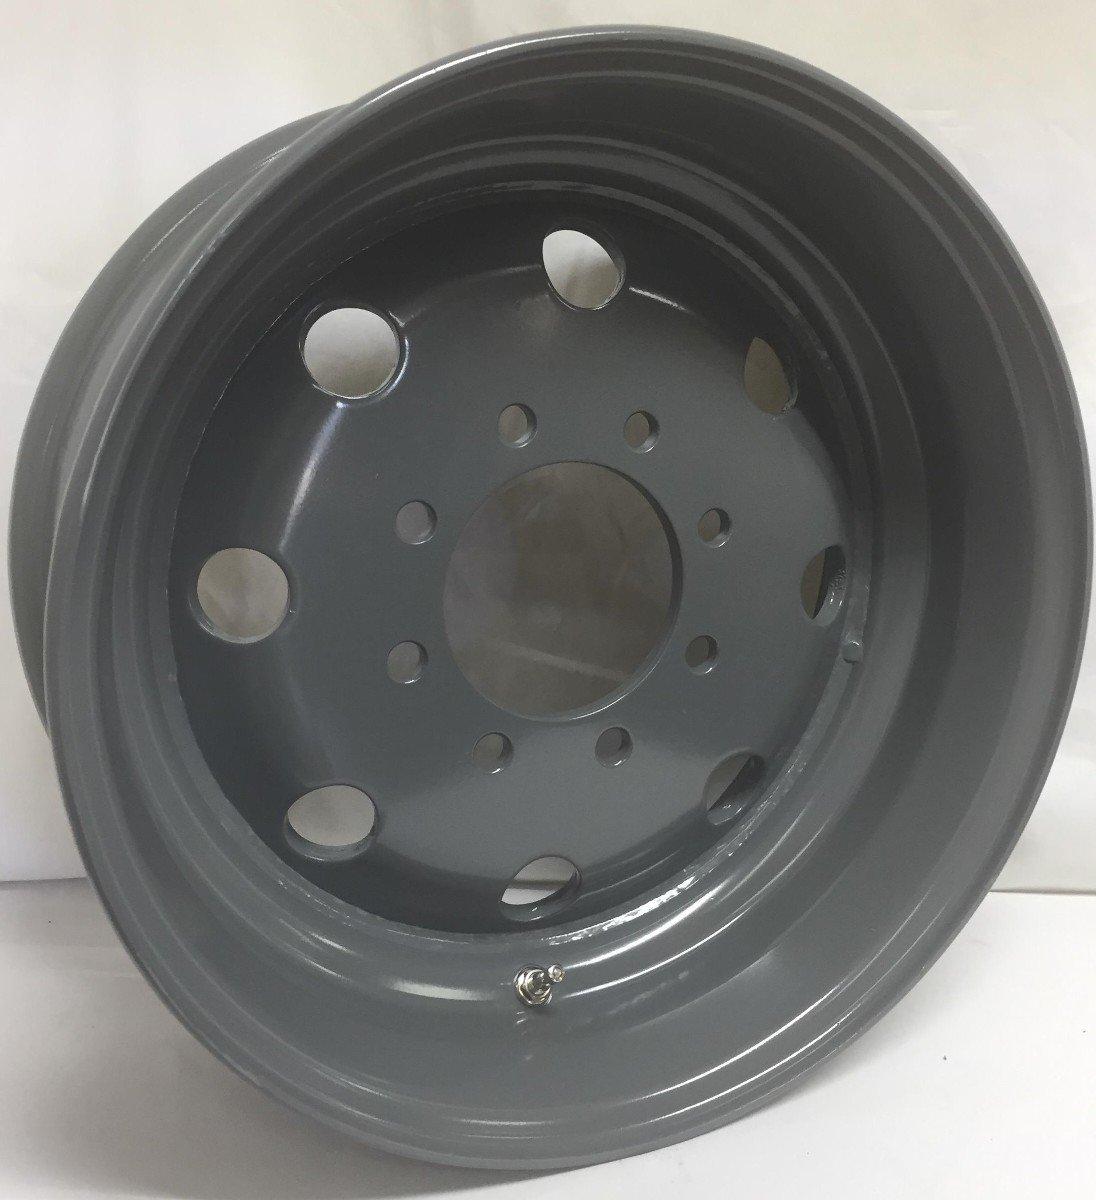 New 17.5'X 6.75 8X6.5 bolt pattern Grizzle Grey Modular Trailer Wheel Rim 8 Lug WHEELS EXPRESS INC.